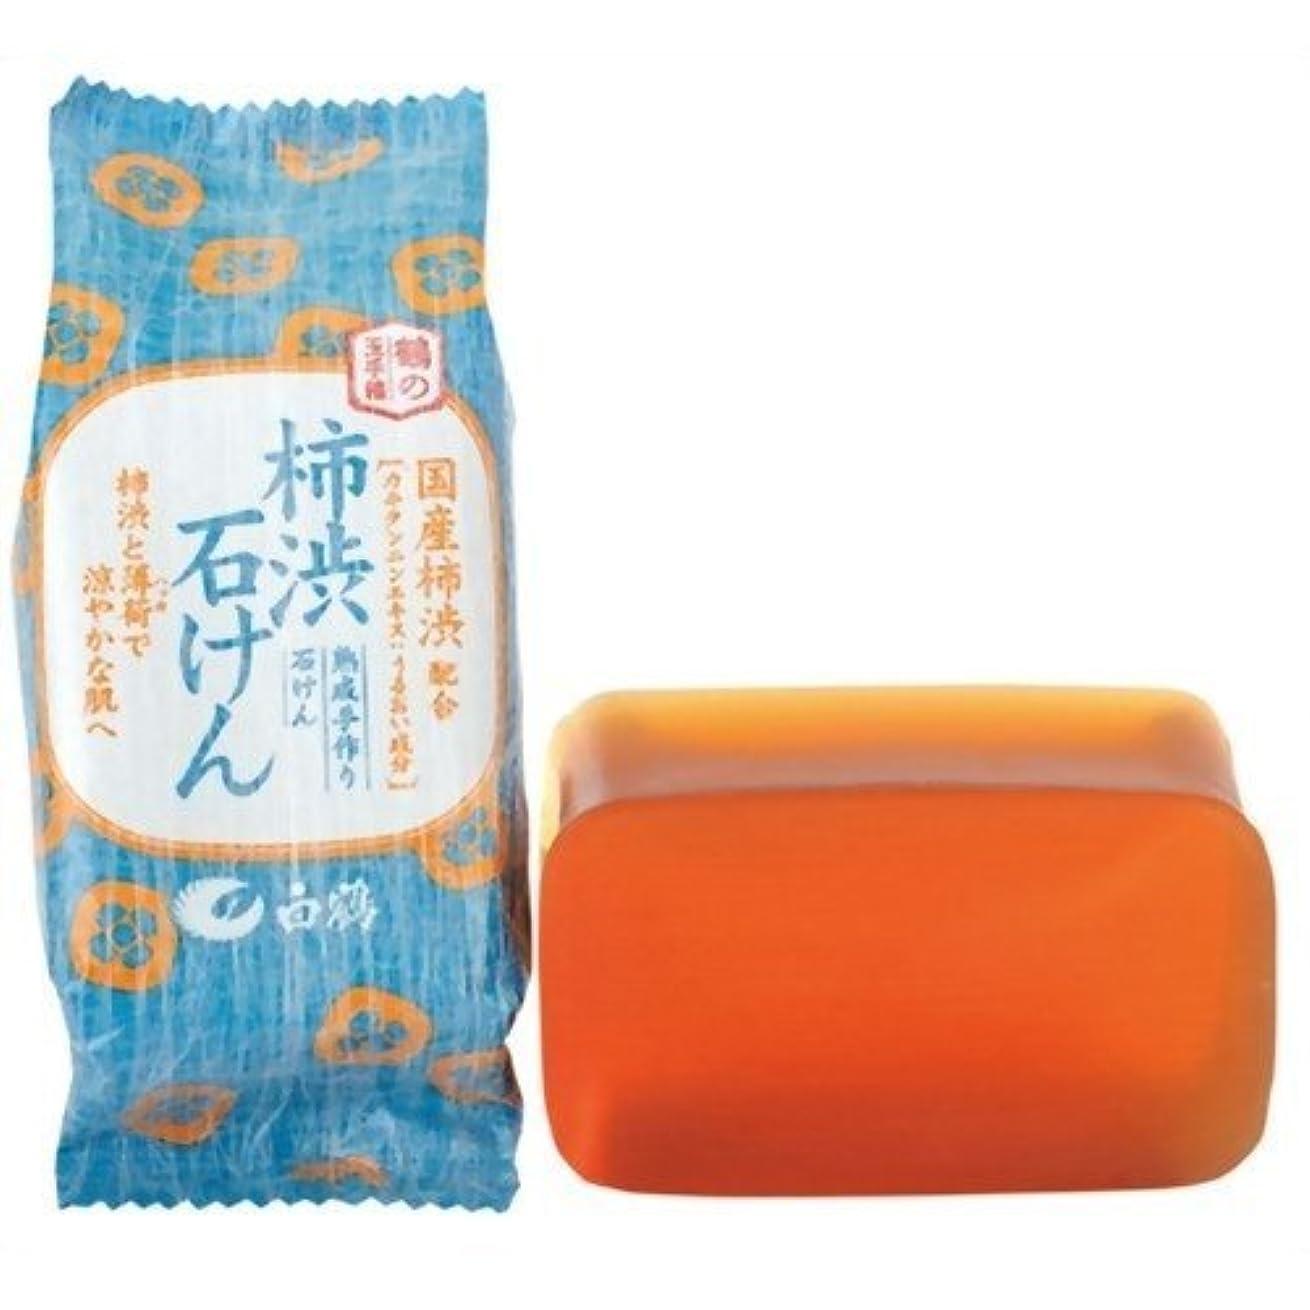 親愛な代表する賞賛する白鶴 鶴の玉手箱 薬用 柿渋石けん 110g × 5個